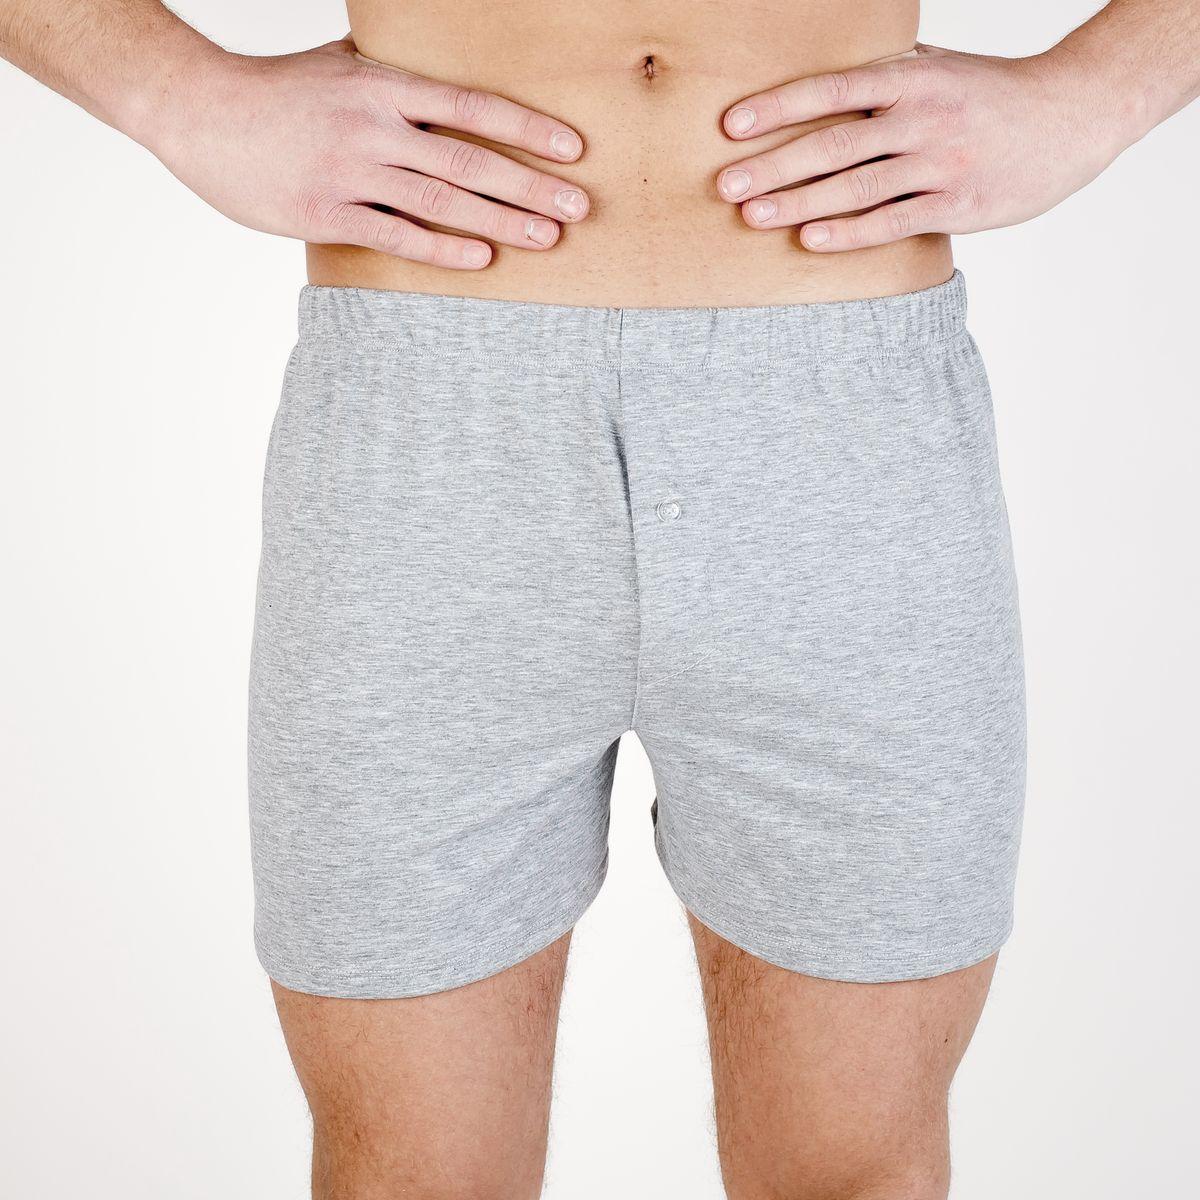 Трусы-шорты мужские Idilio, цвет: серый меланж. THM03. Размер S (46)THM03Мужские трусы-шорты изготовлены из хлопка. Свободный крой, эластичная резинка и удобная посадка обеспечат комфорт на весь день.